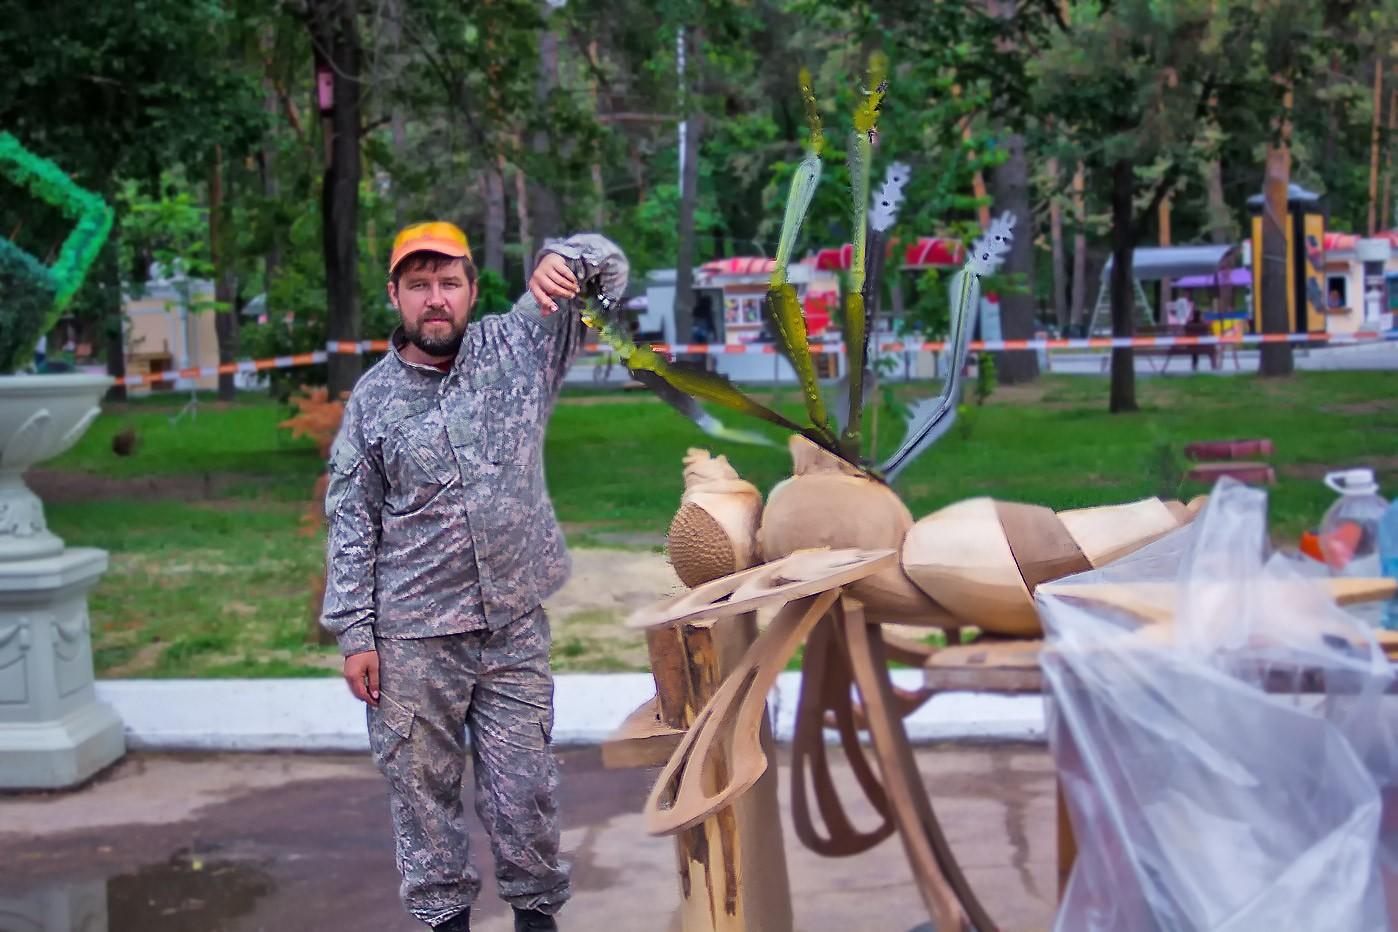 Муха-цокотуха и тигры на набережной: конкурс деревянных скульптур завершился в Хабаровске